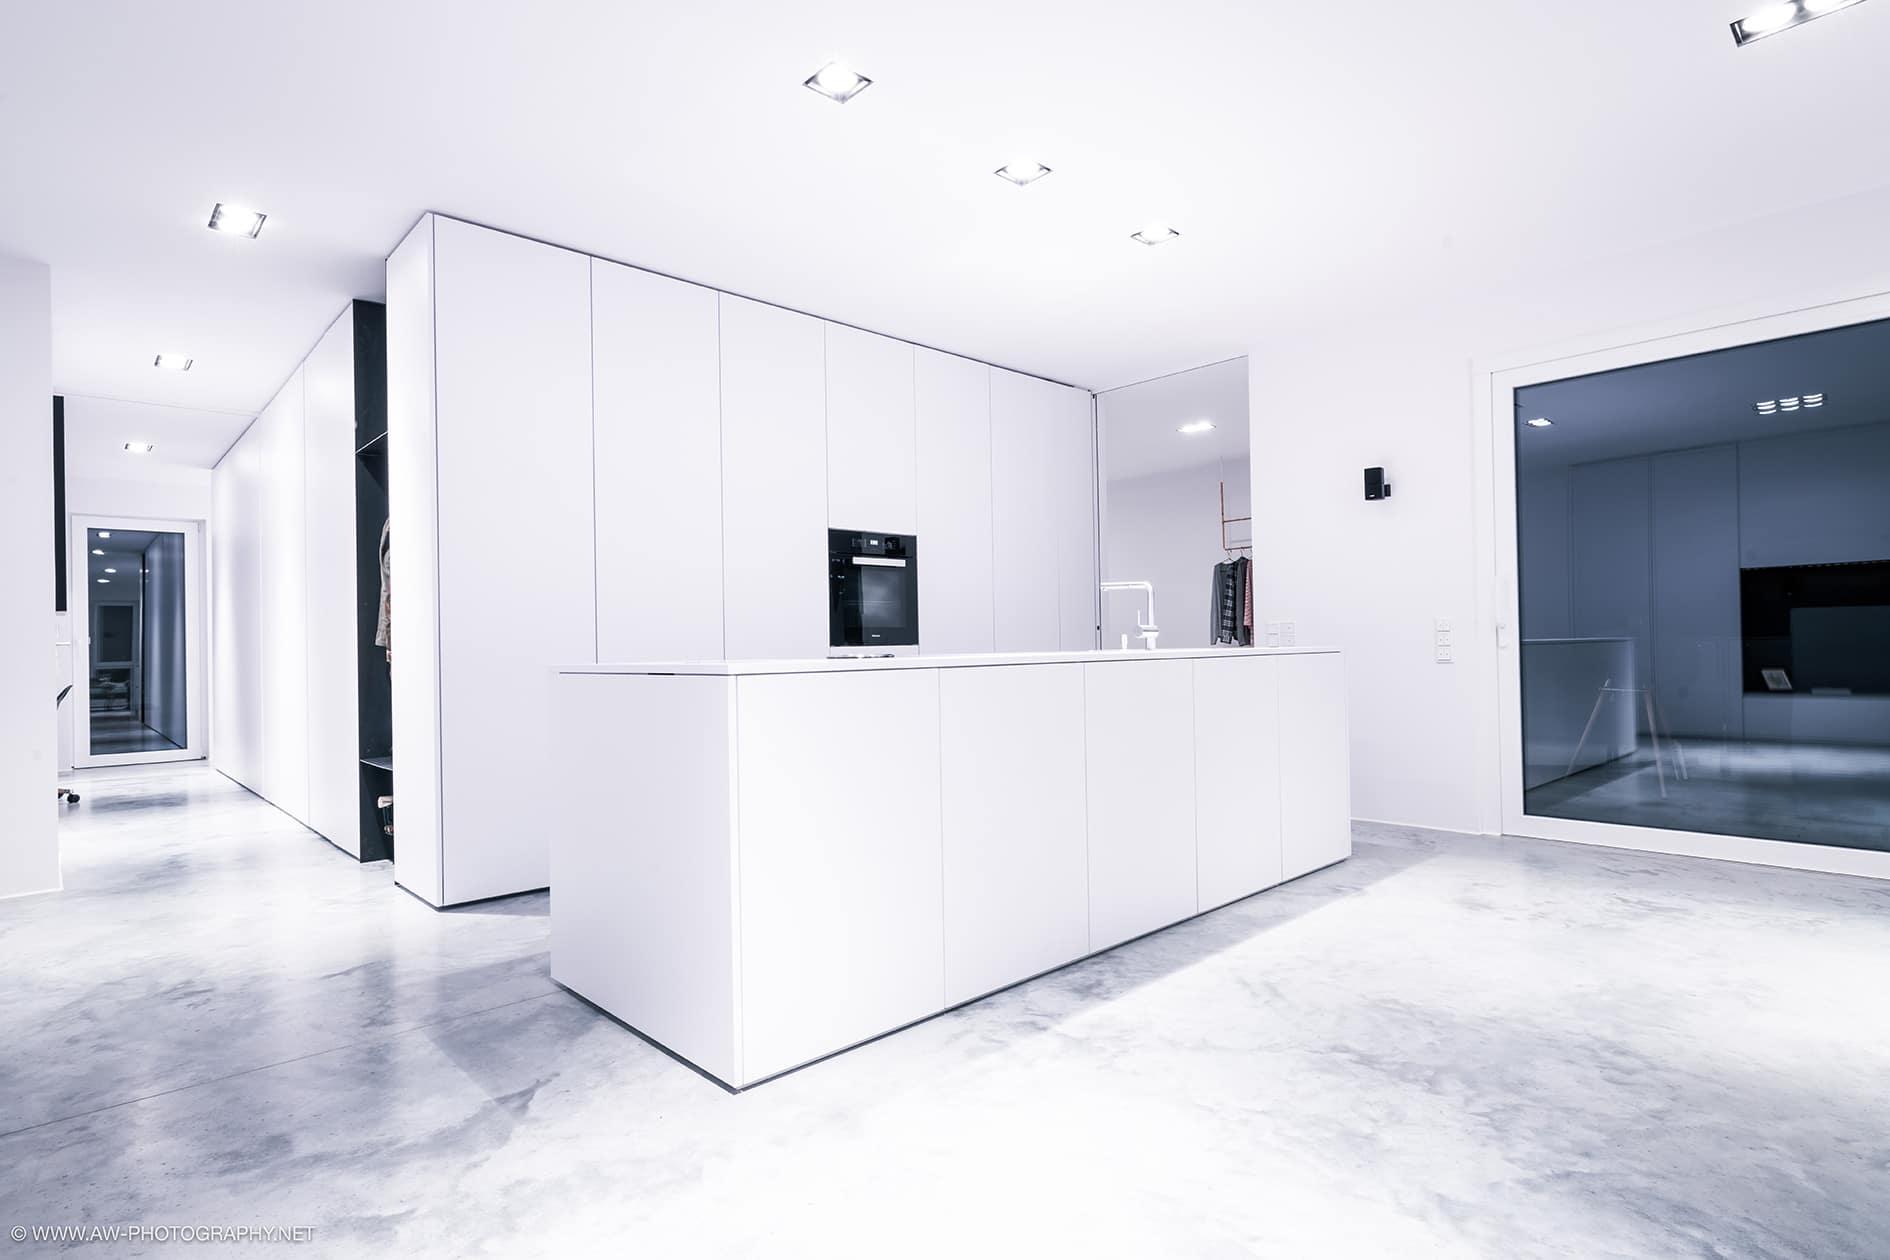 Innenausbau Penthousewohnung von VOIT in Schlichtstoff weiß und Stahl geschwärzt - Blick in die komplett weiße Küche, rechts großes Fenster zur Terrasse